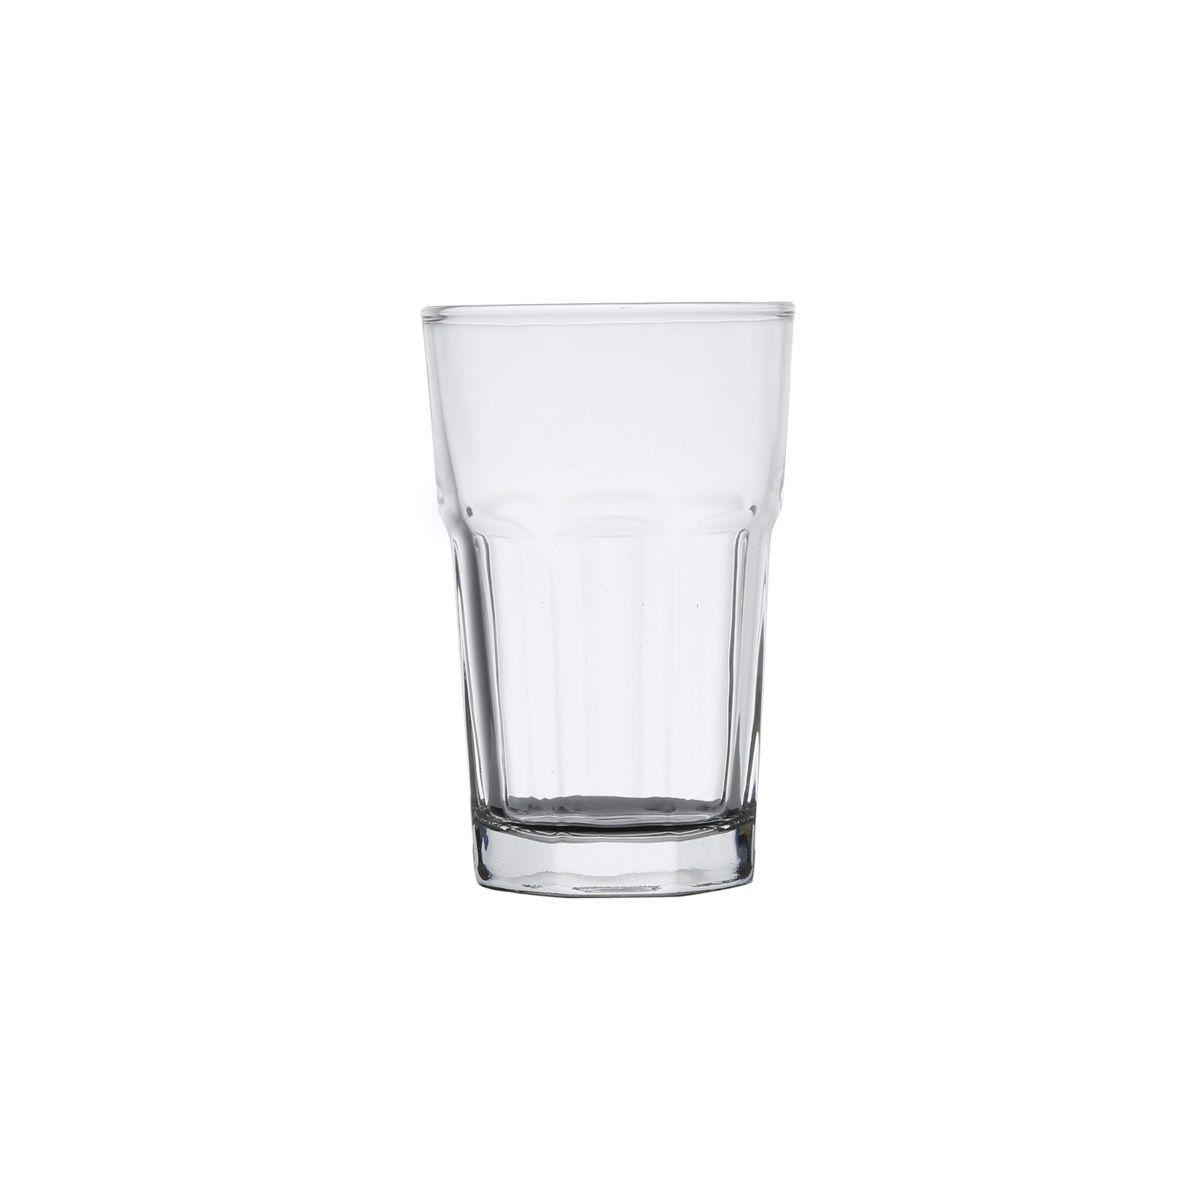 Jogo 6 copos 310ml alto para água e suco de vidro transparente Allure Bon Gourmet - 25629